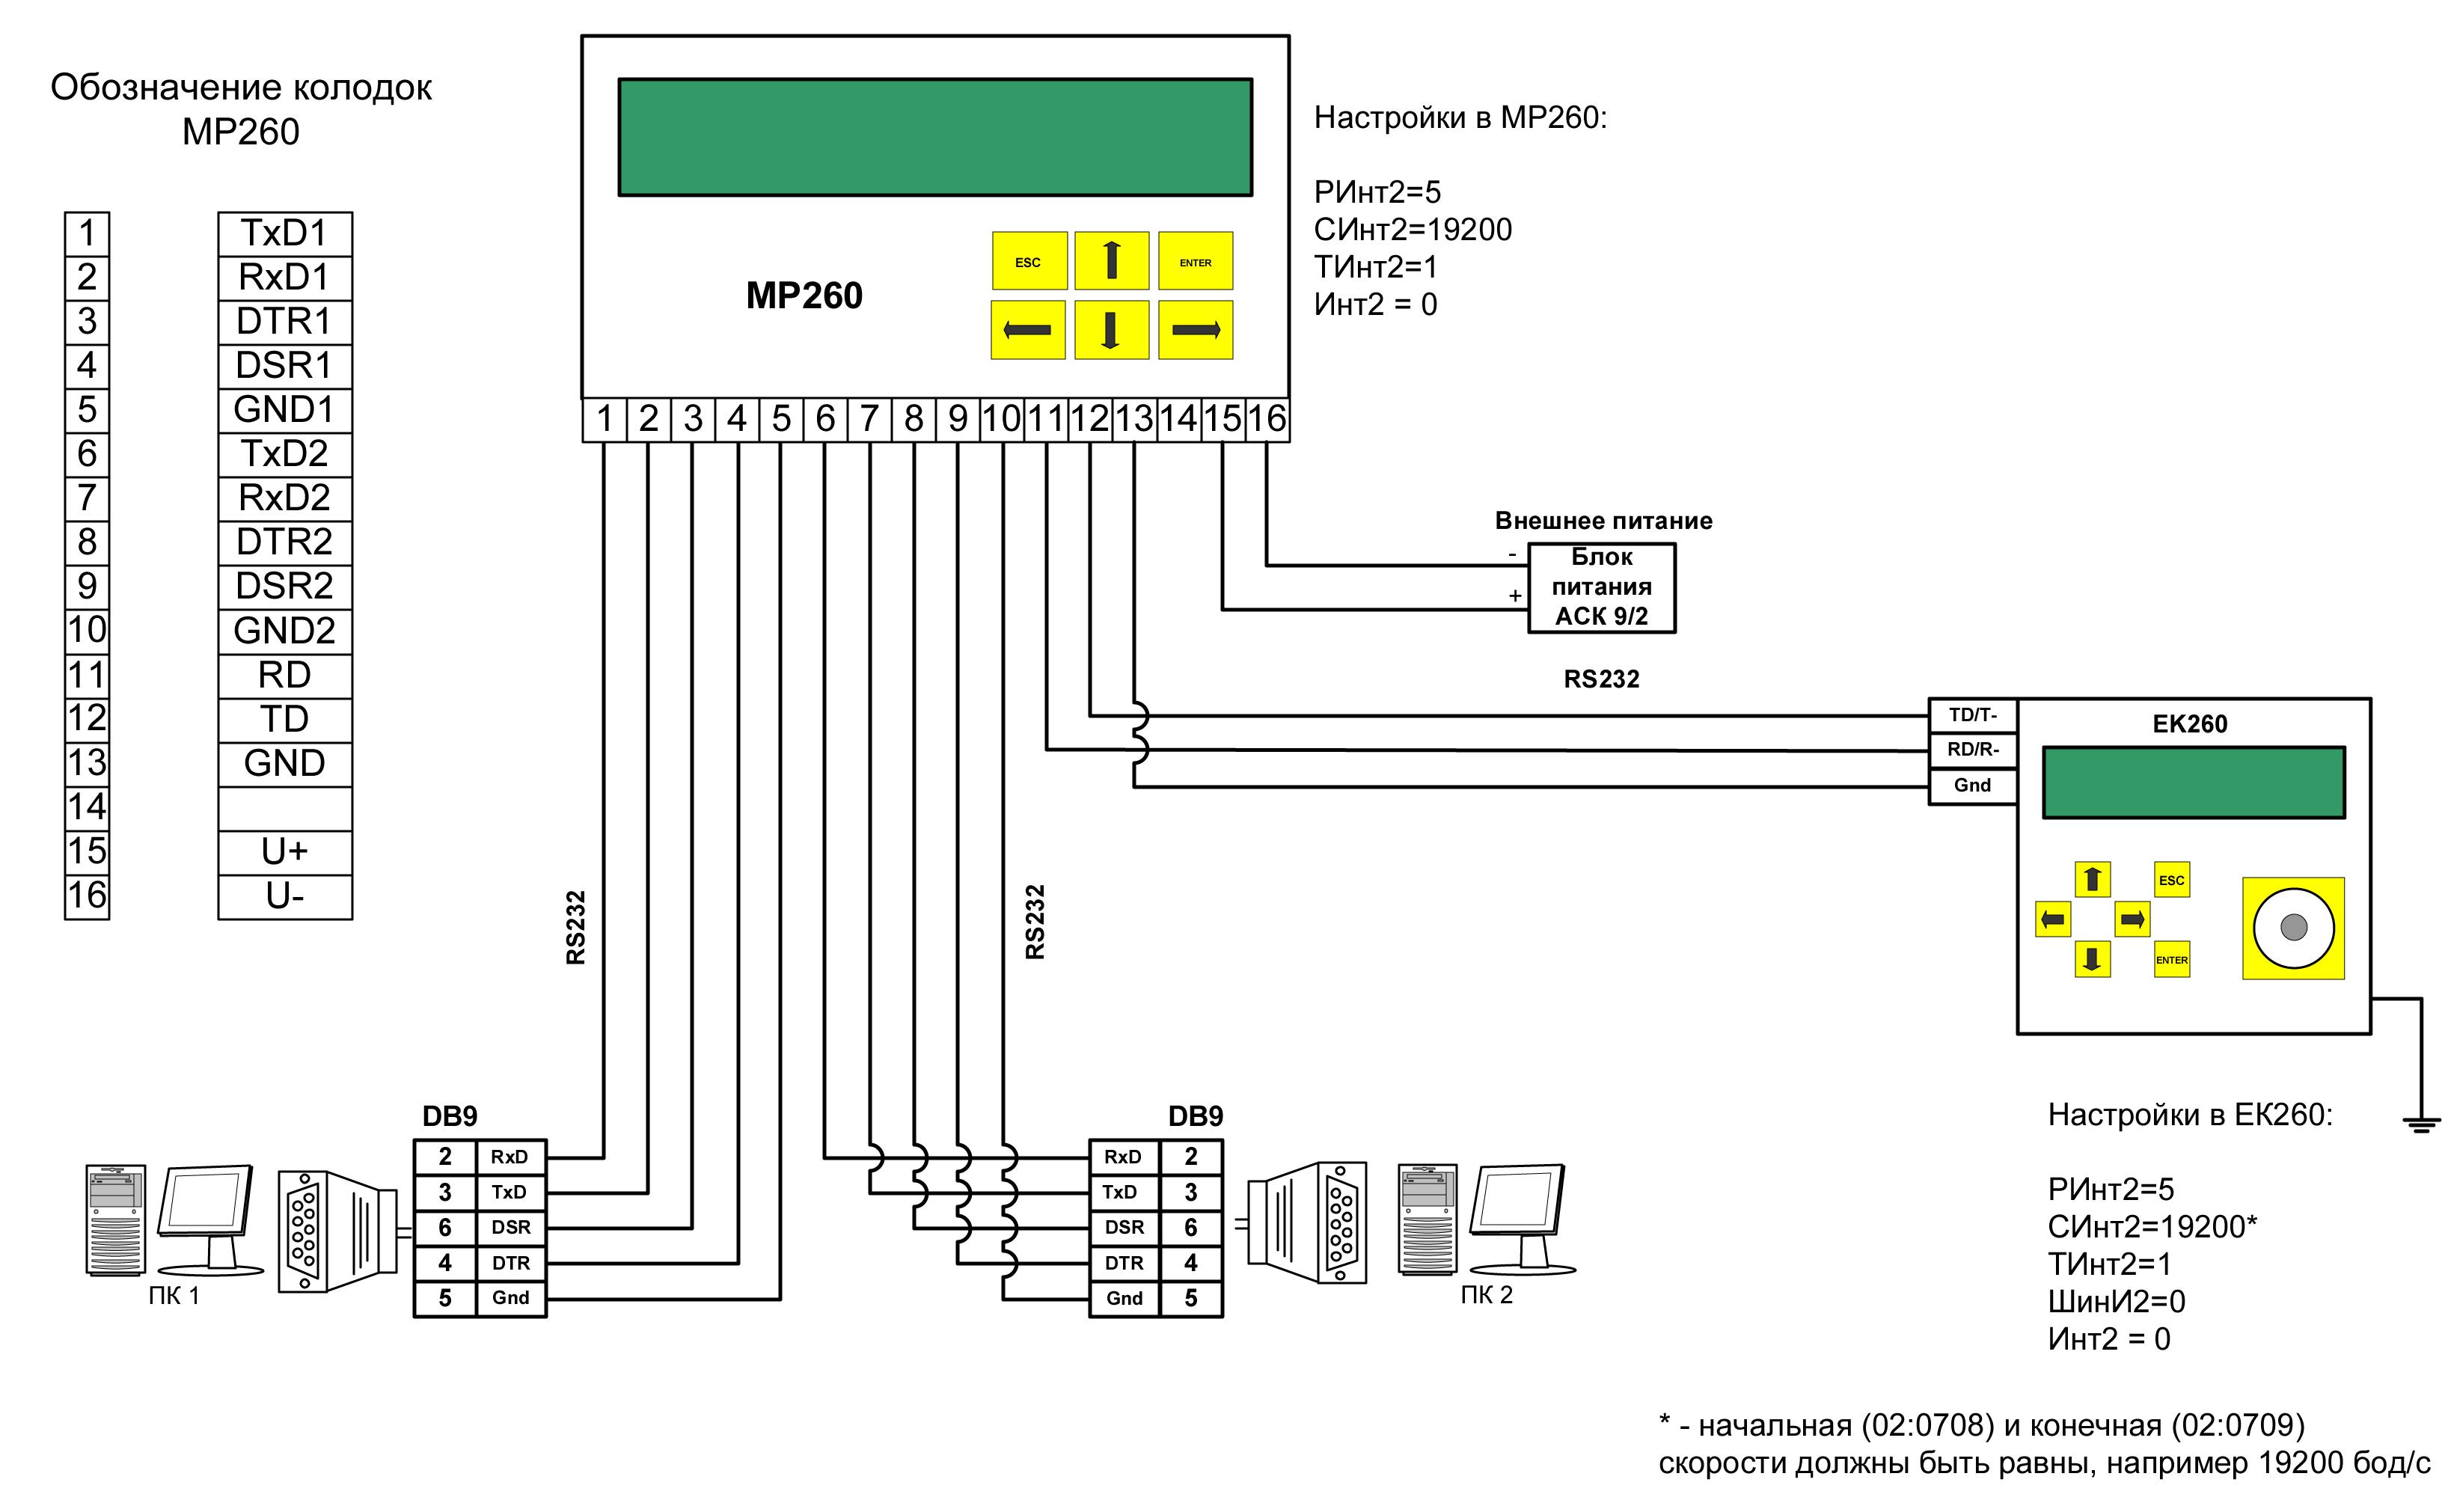 Схема подключения корректора ЕК260 к ПК через модуль функционального расширения МР260